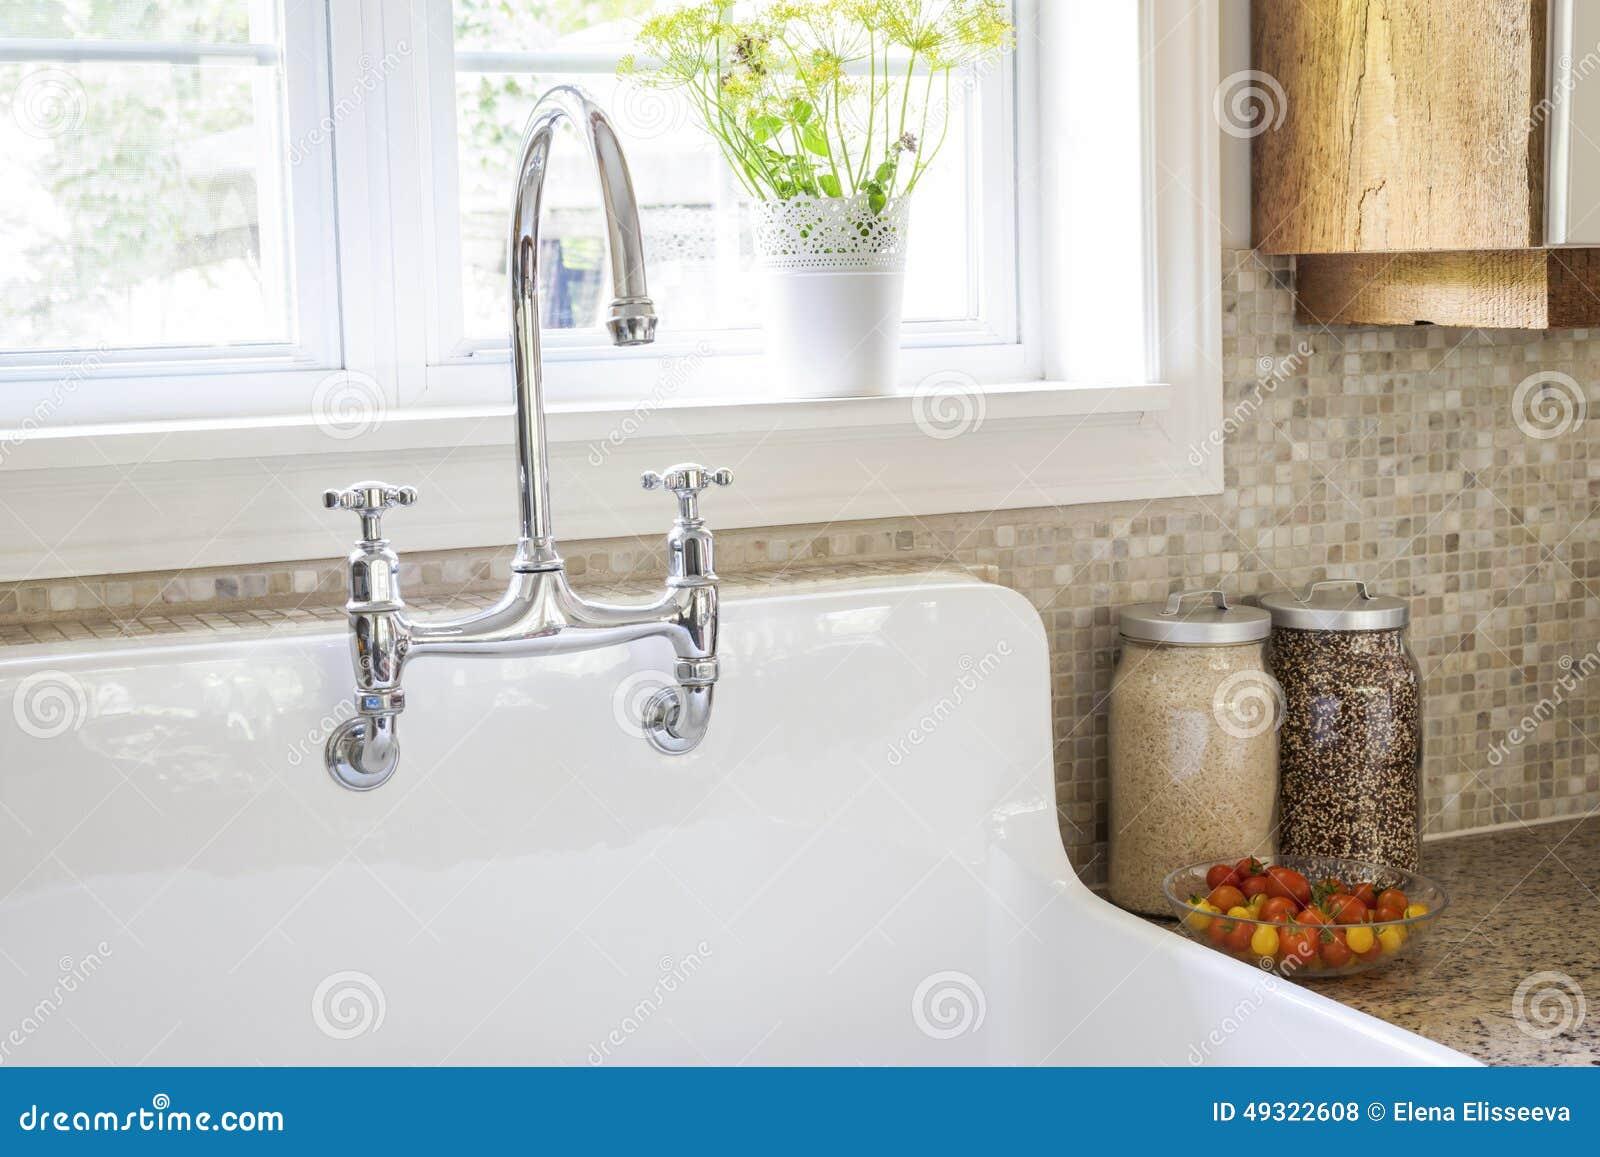 Lavandino e rubinetto di cucina fotografia stock for Rubinetto lavandino cucina